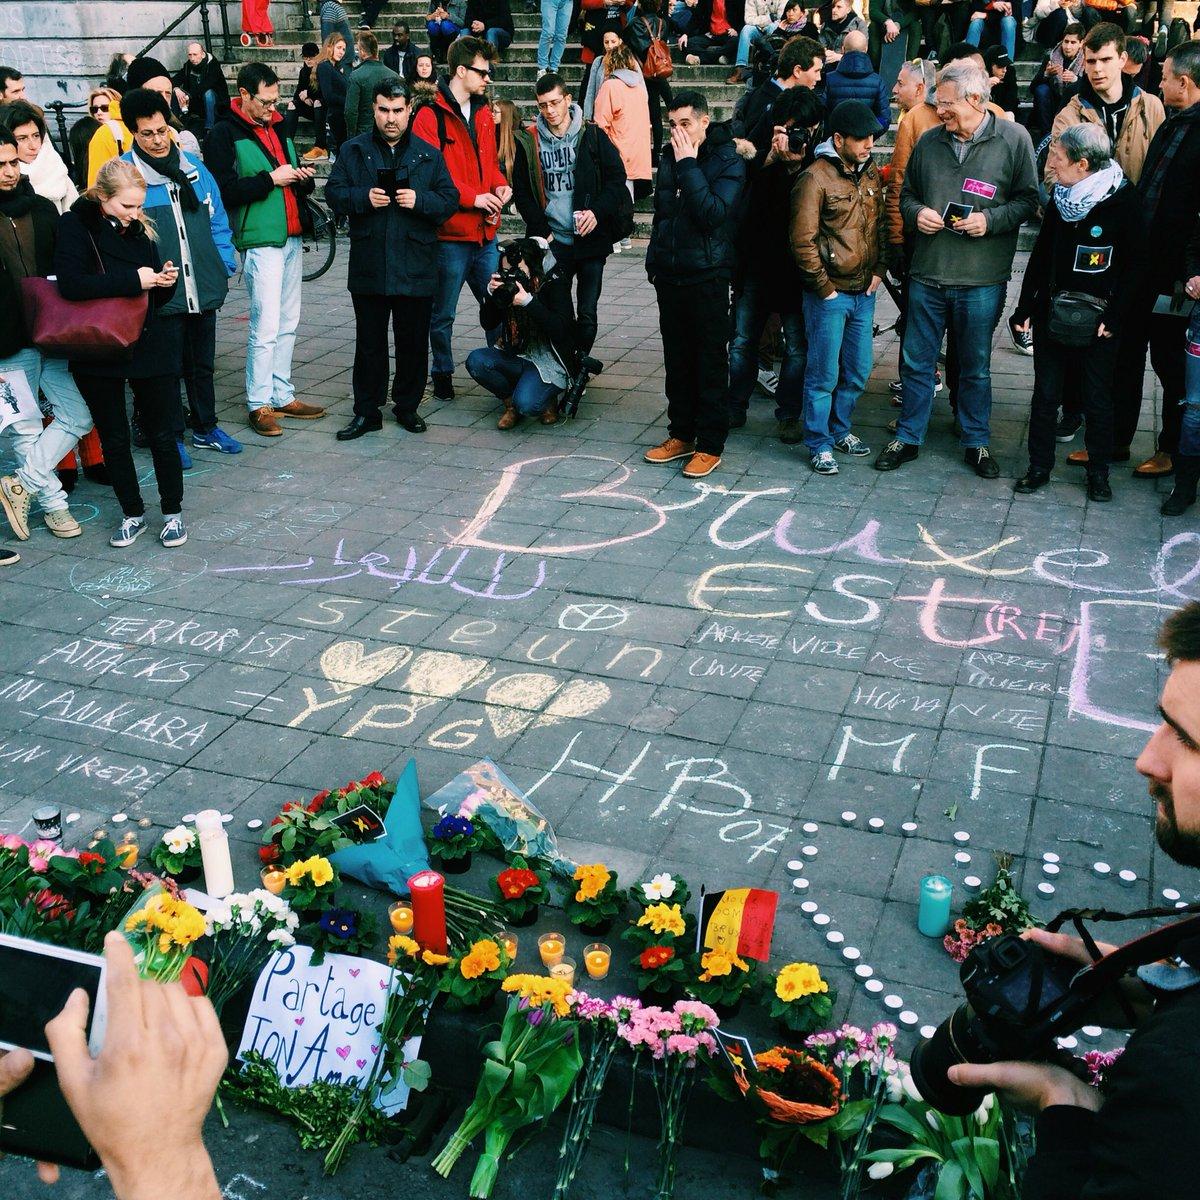 Brusselaars verzamelen op het Beursplein om met krijt boodschappen op de grond te schrijven. Dit is mooi en warm. https://t.co/8rSjigntMB